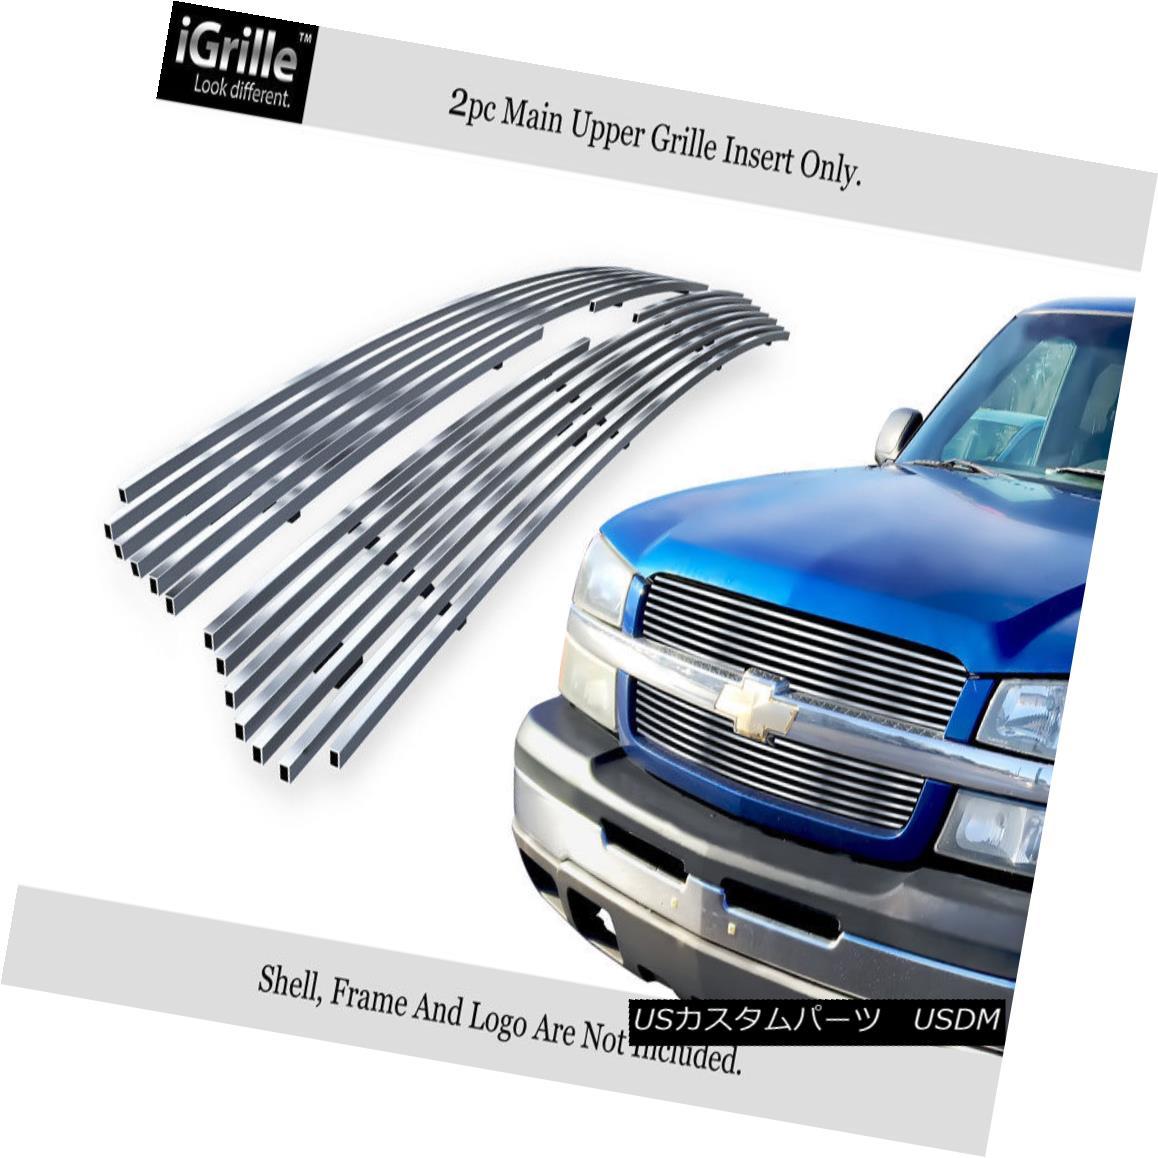 グリル Fits 2003-2005 Chevy Silverado 1500/03-04 2500 Stainless T304 Billet Grille 2003-2005年に合うChevy Silverado 1500 / 03-04 2500ステンレスT304ビレットグリル